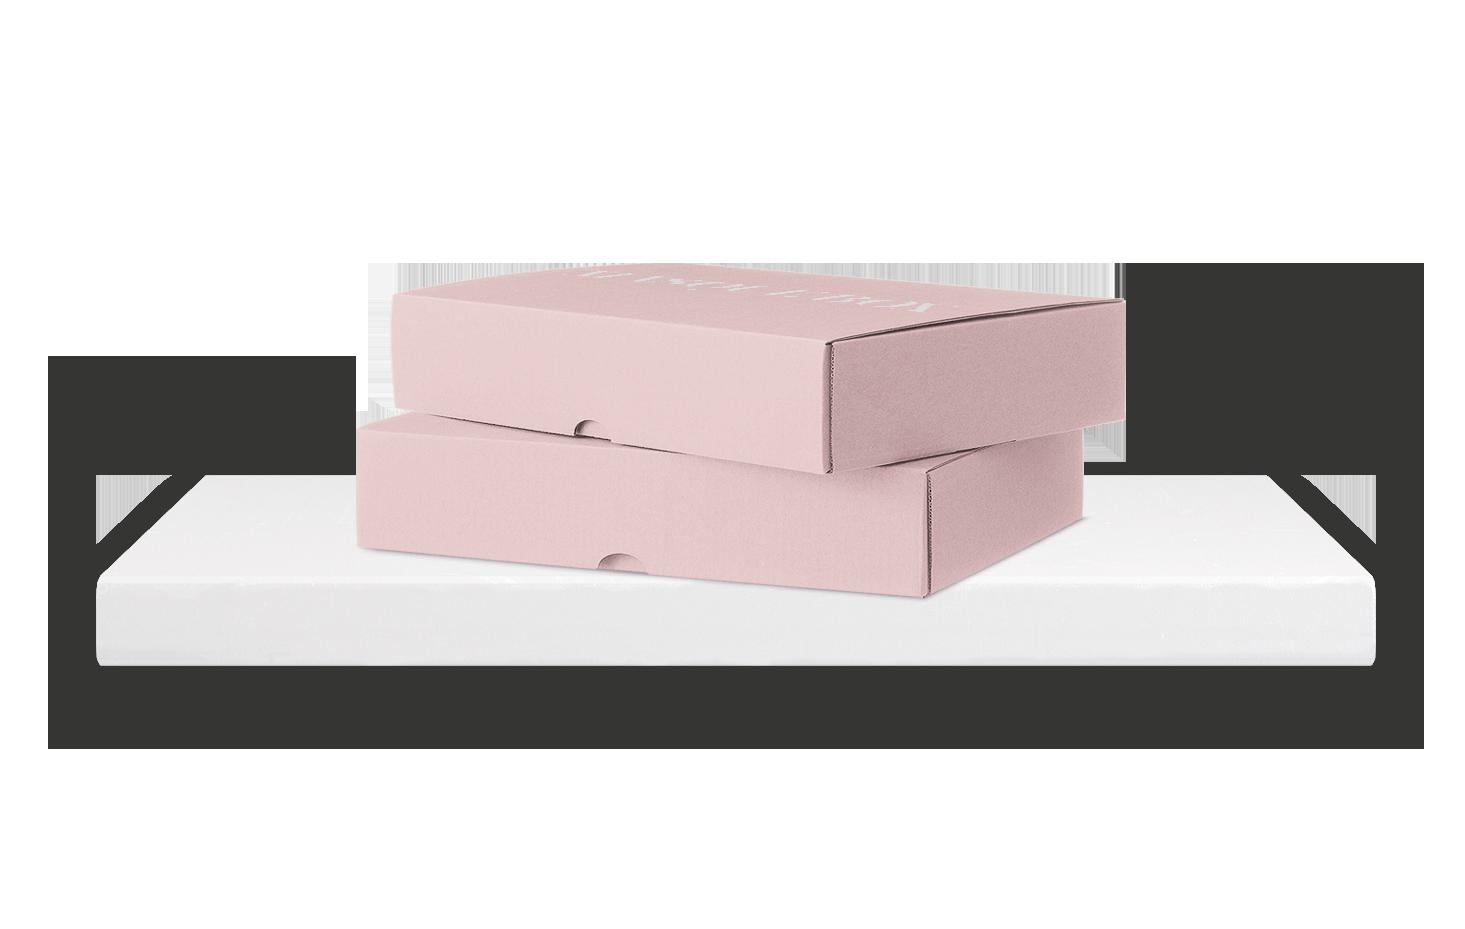 Masque Box Checkout